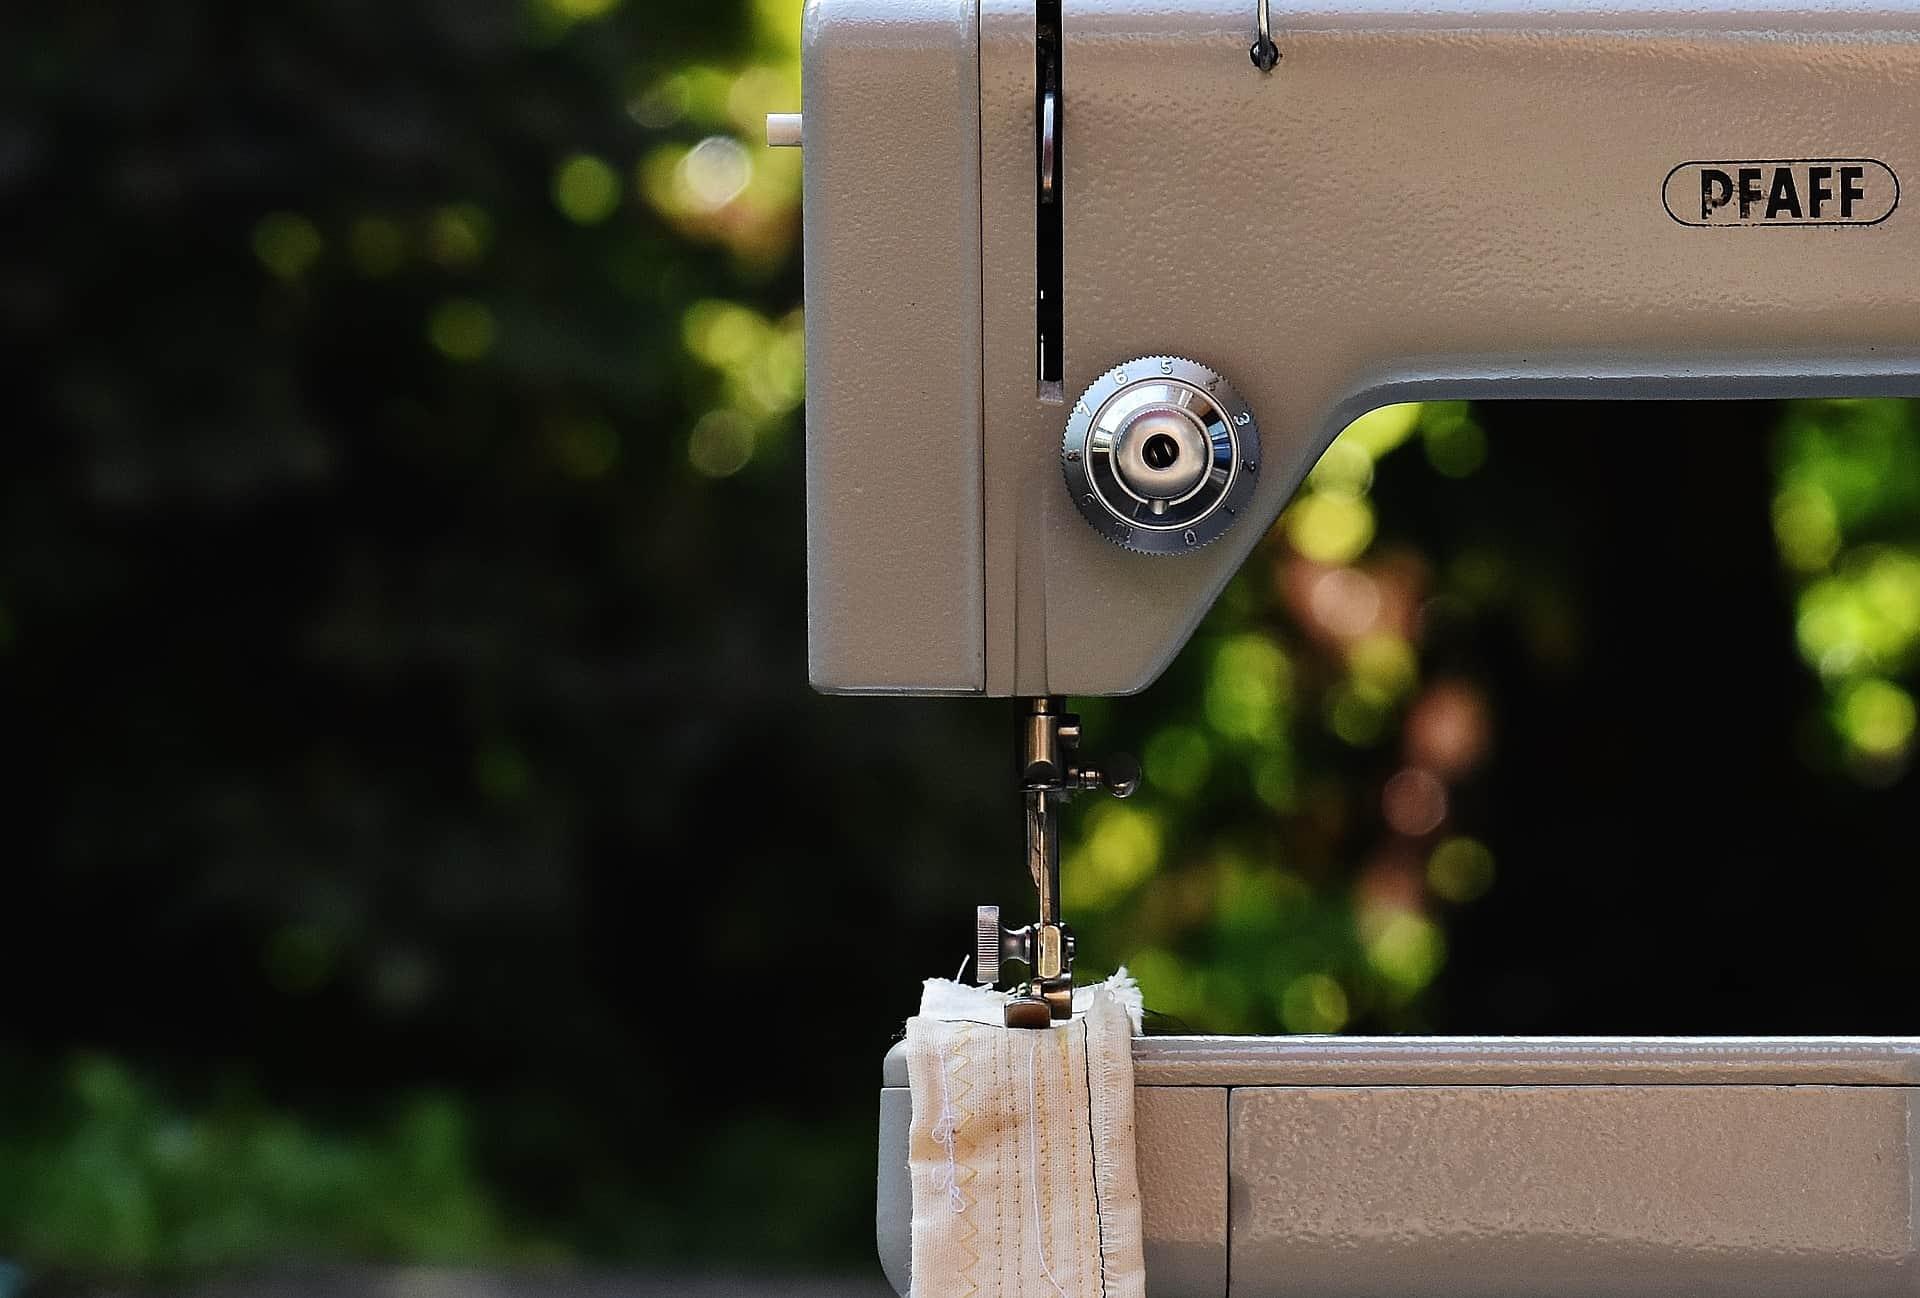 czyszczenie i konserwacja maszyny do szycia